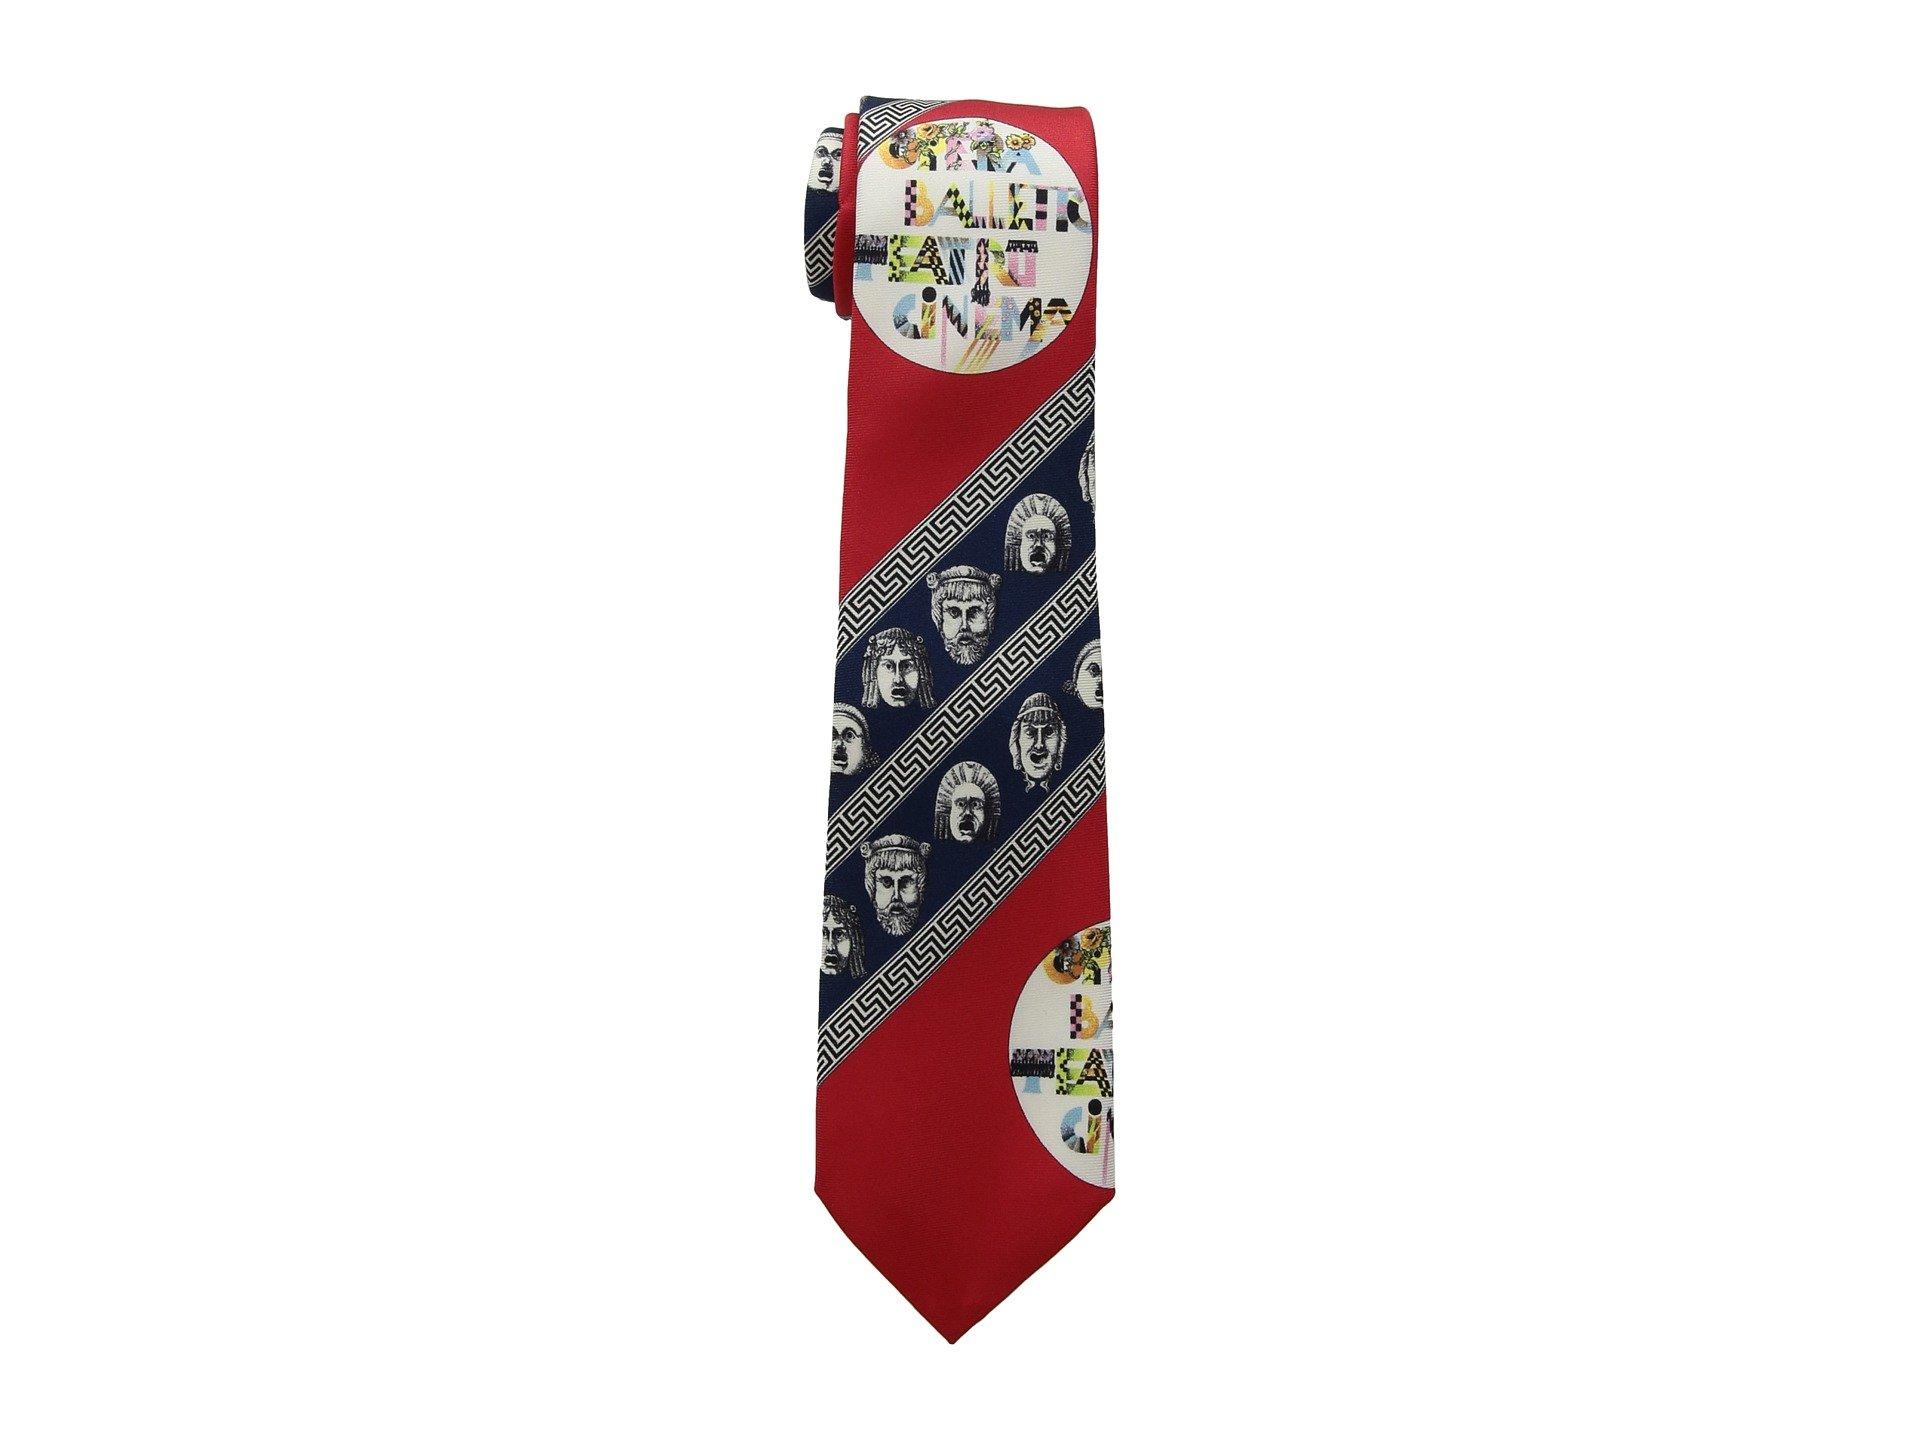 Corbata para Hombre Versace Printed Tie  + Versace en VeoyCompro.net